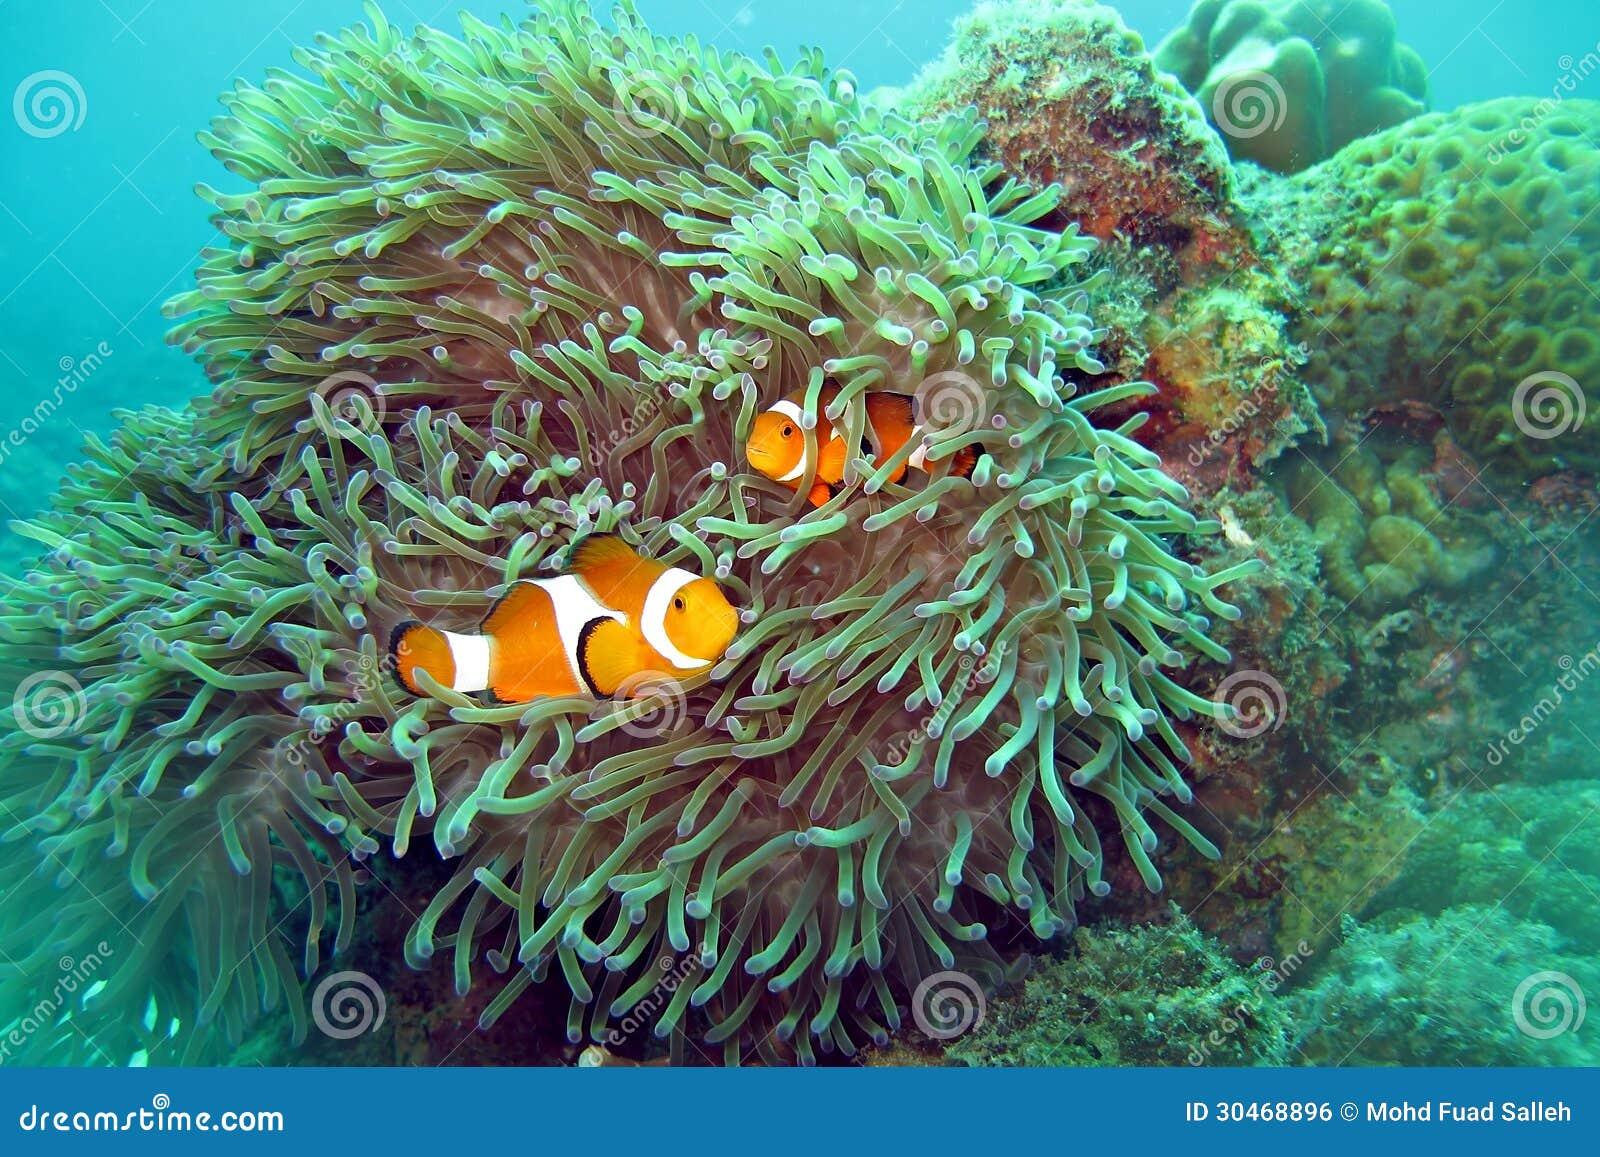 Payaso Fish Nemo